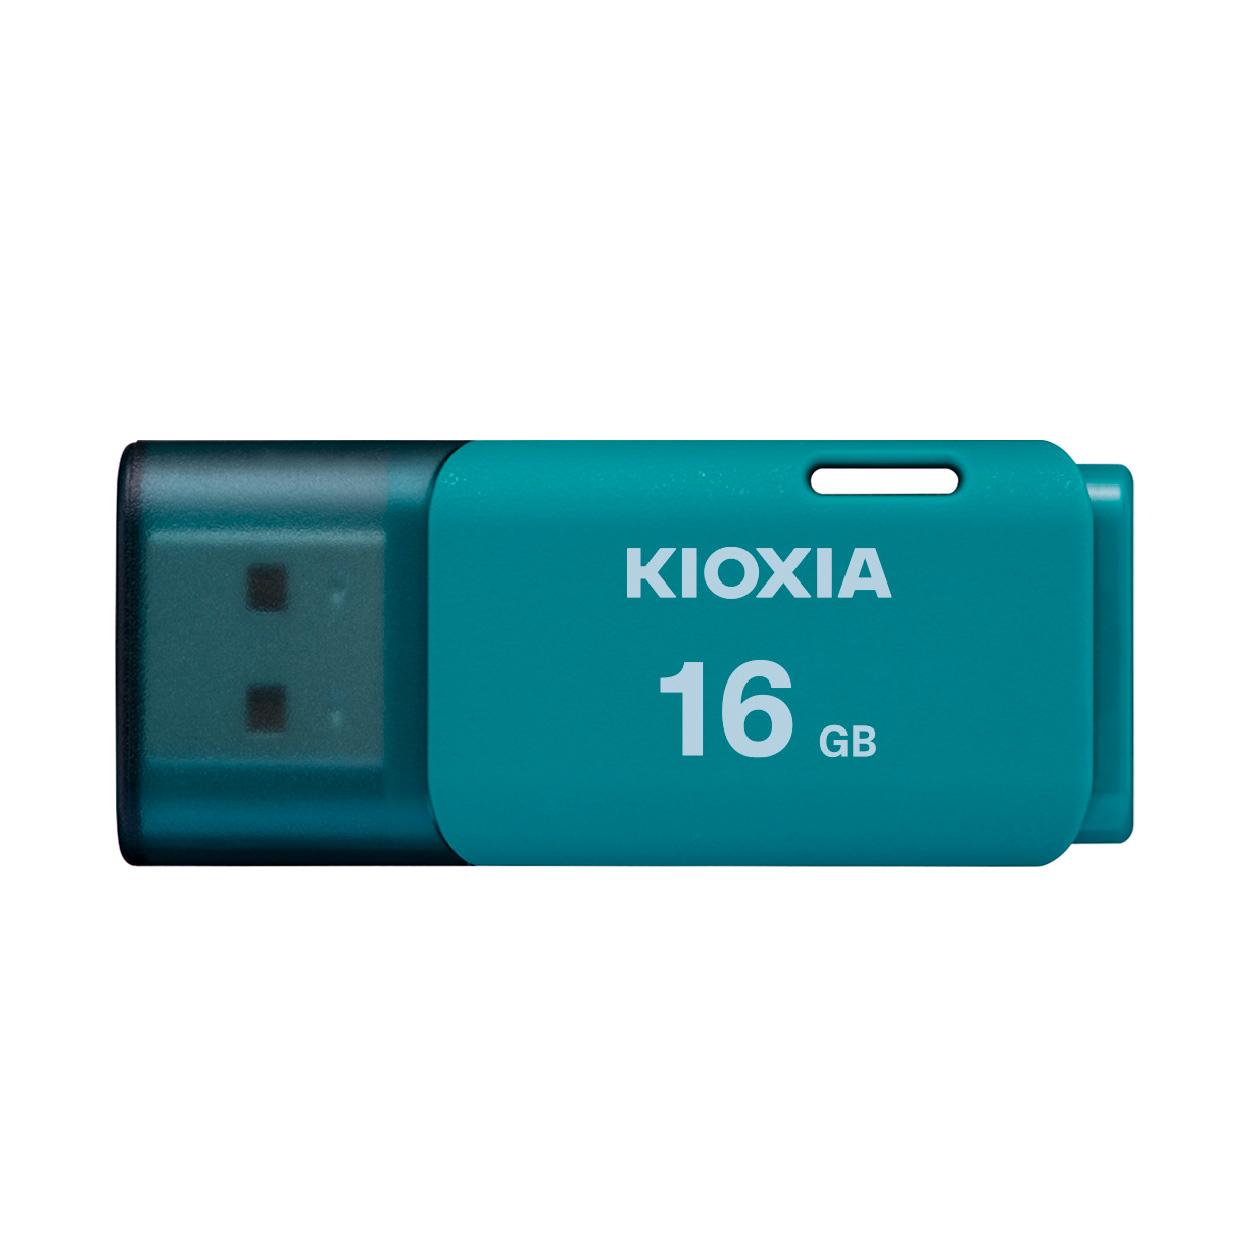 Ổ cứng di động 16GB U202 USB 2.0 Kioxia - Xanh nhạt - Hàng chính hãng